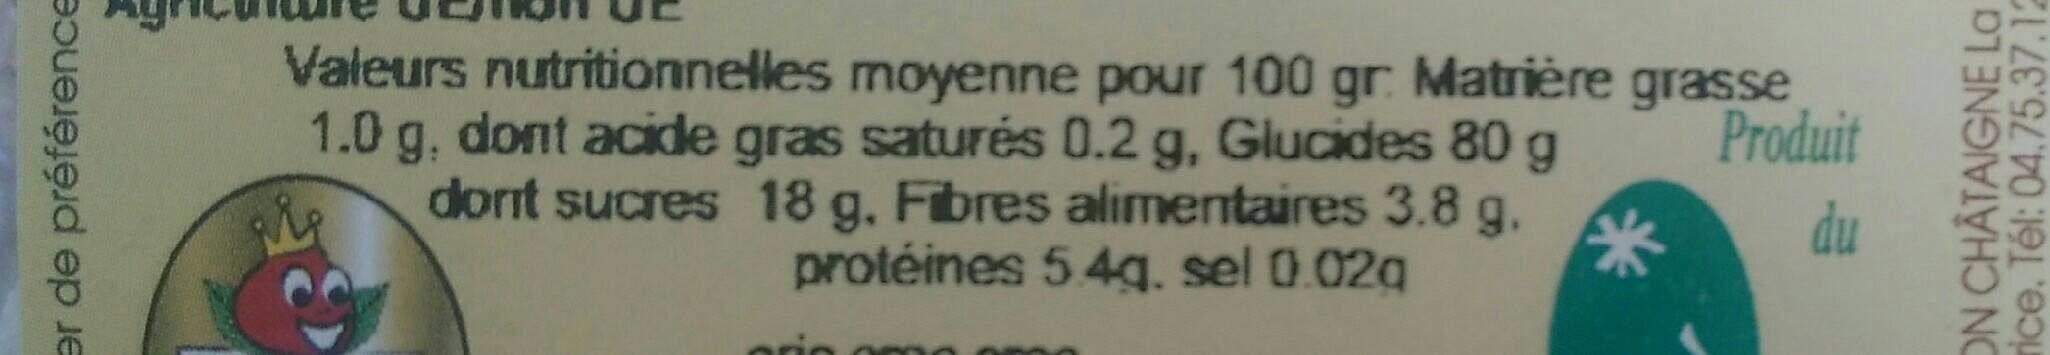 Céréales marron-chataîgnes - Nutrition facts - fr